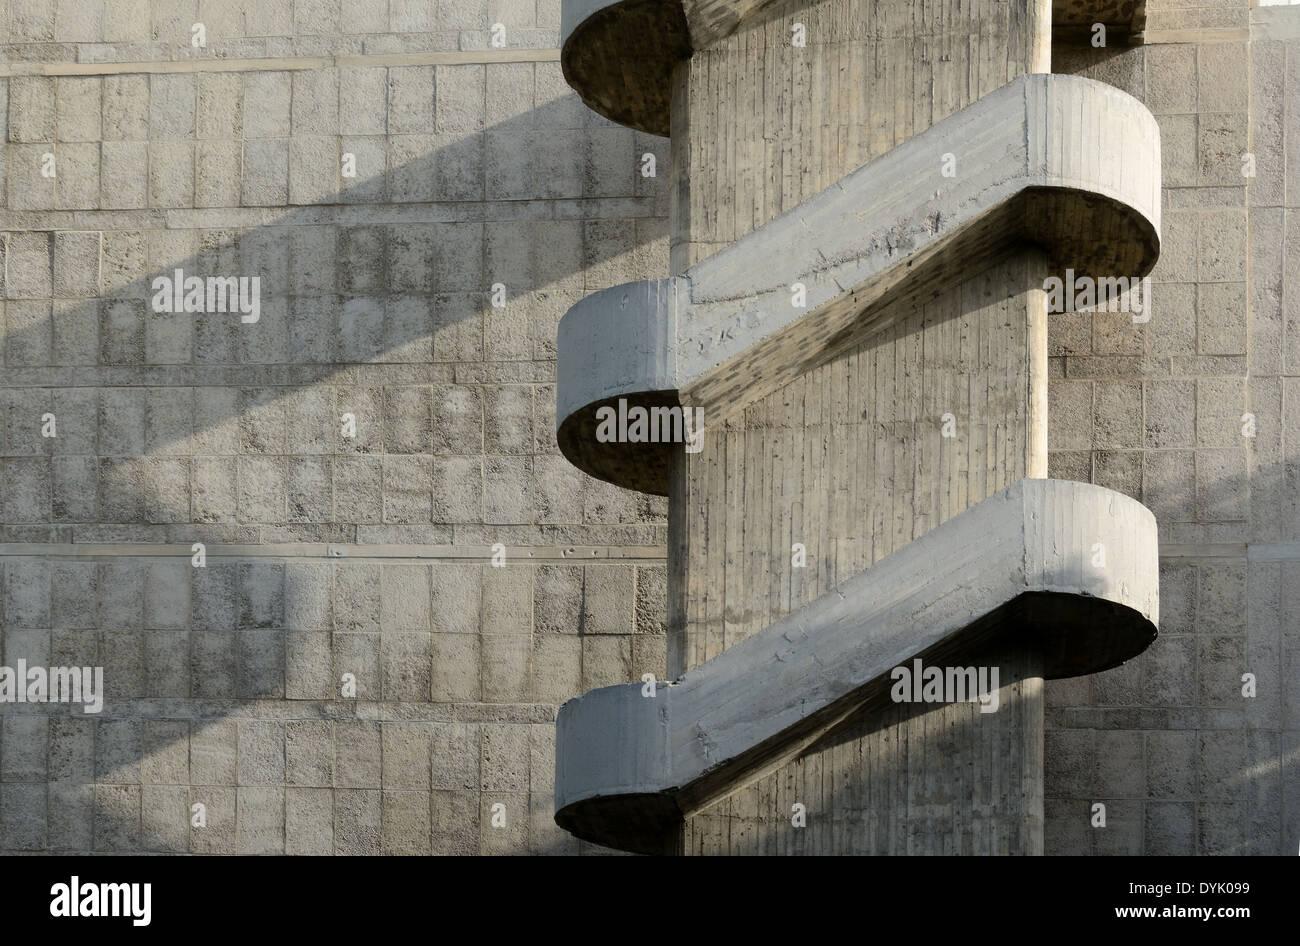 External Staircase of the Unité d'Habitation or Cité Radieuse by Le Corbusier Marseille or Marseilles France - Stock Image